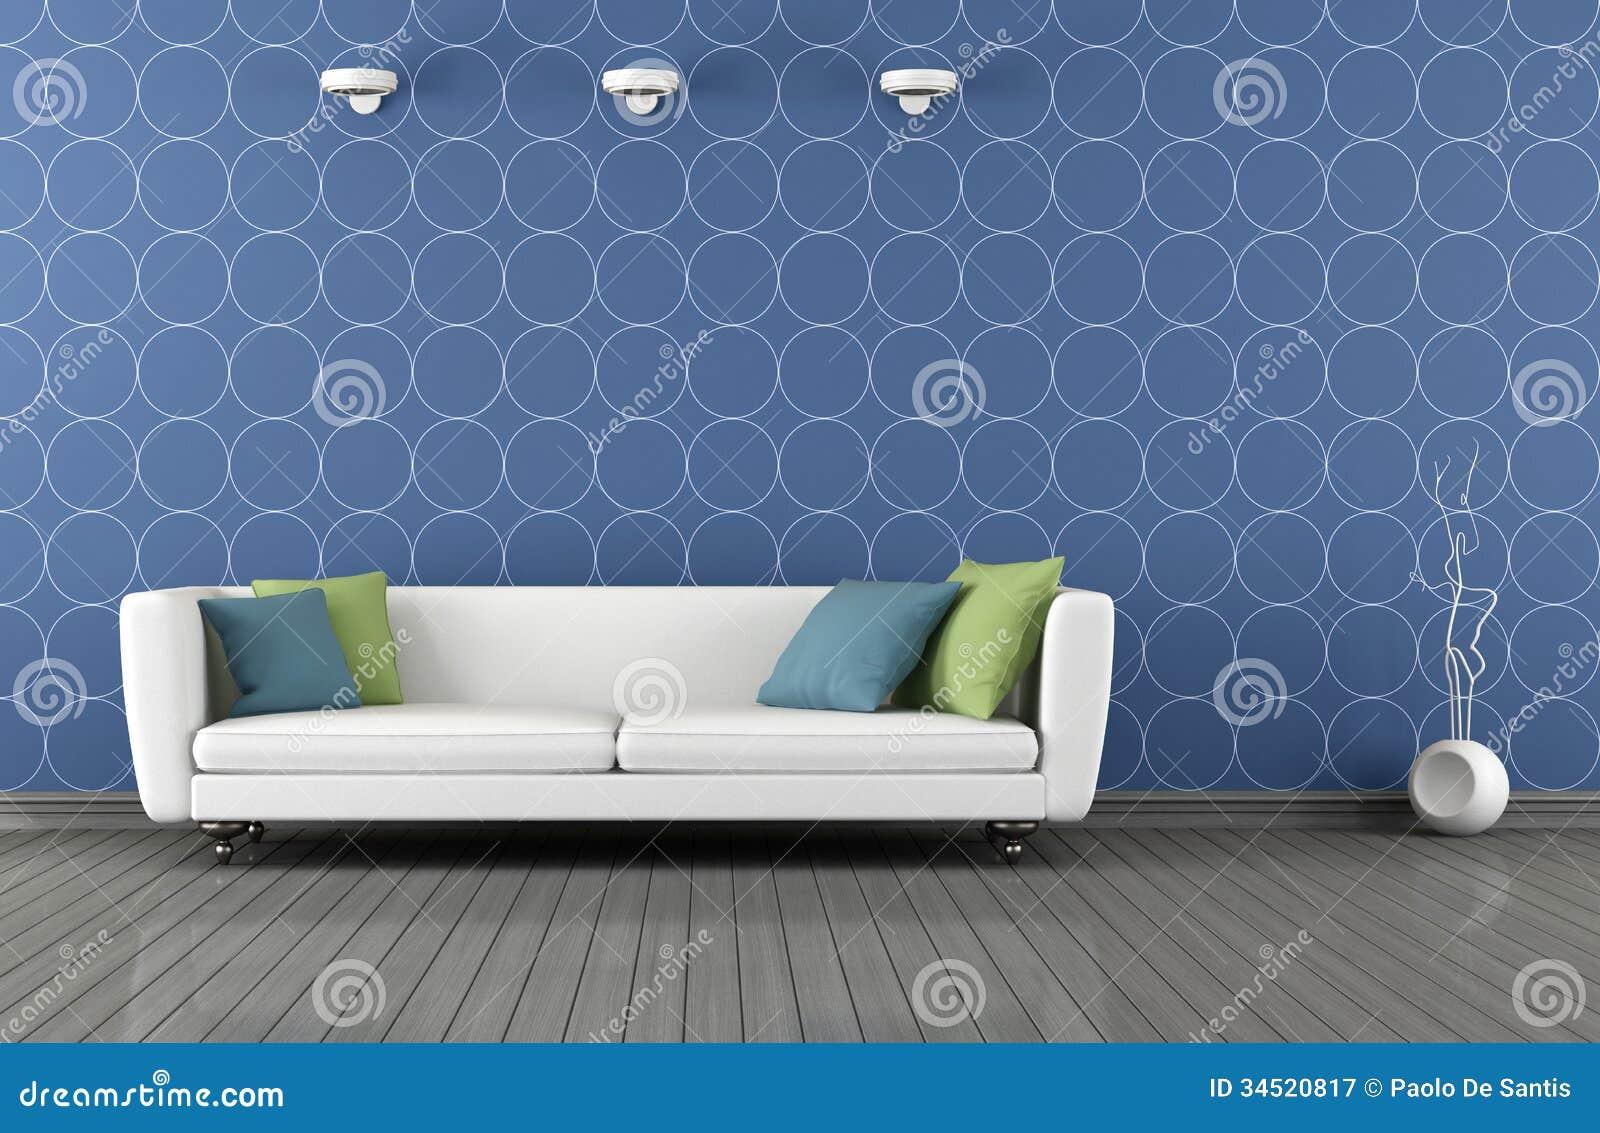 Sala De Estar Moderna Branca ~ Sala De Estar Moderna Azul E Branca Fotografia de Stock Royalty Free